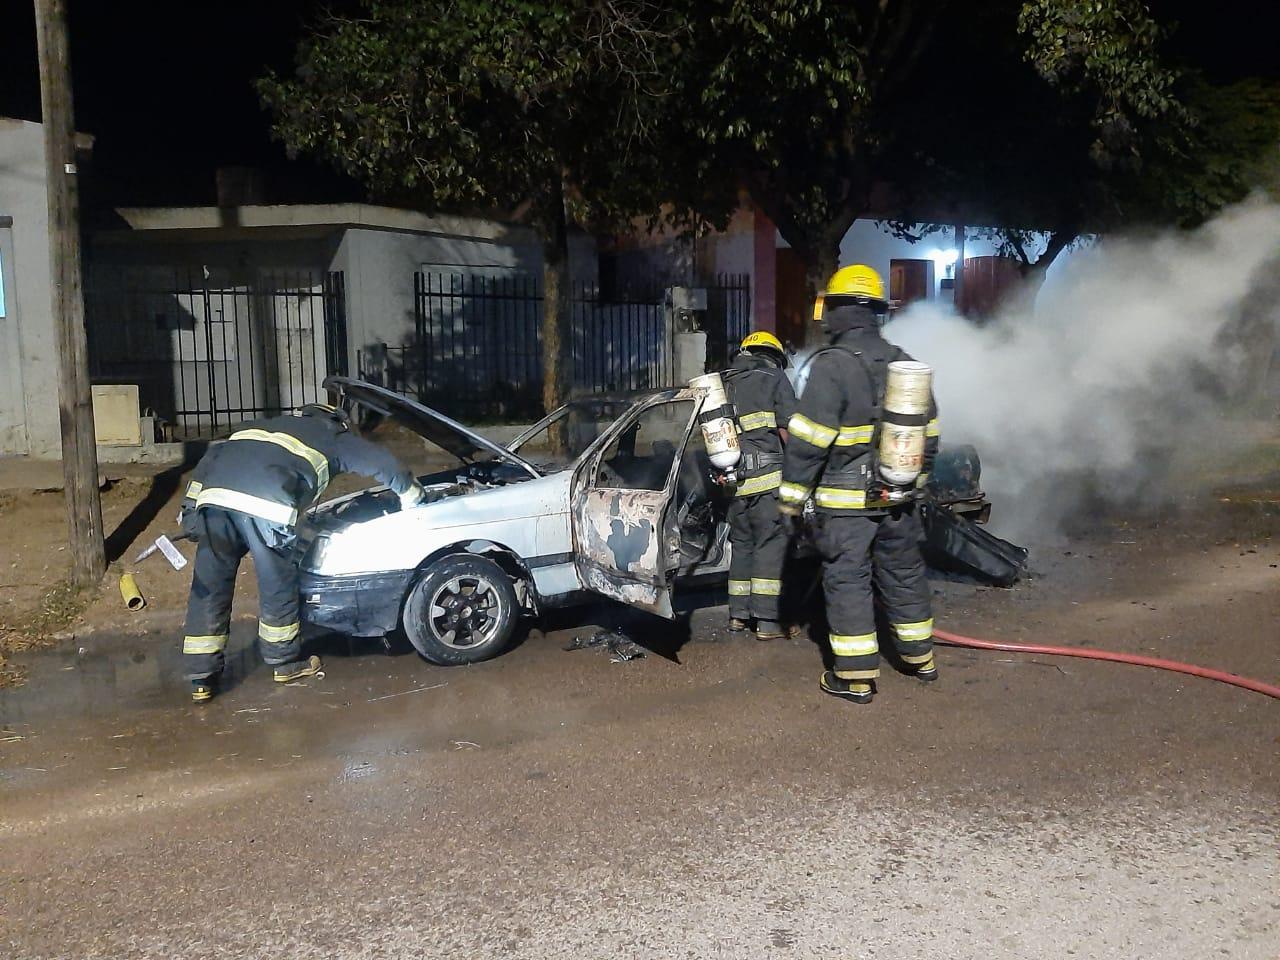 La Brigada detuvo al presunto autor de dos incendios de autos ocurridos recientemente en General Pico